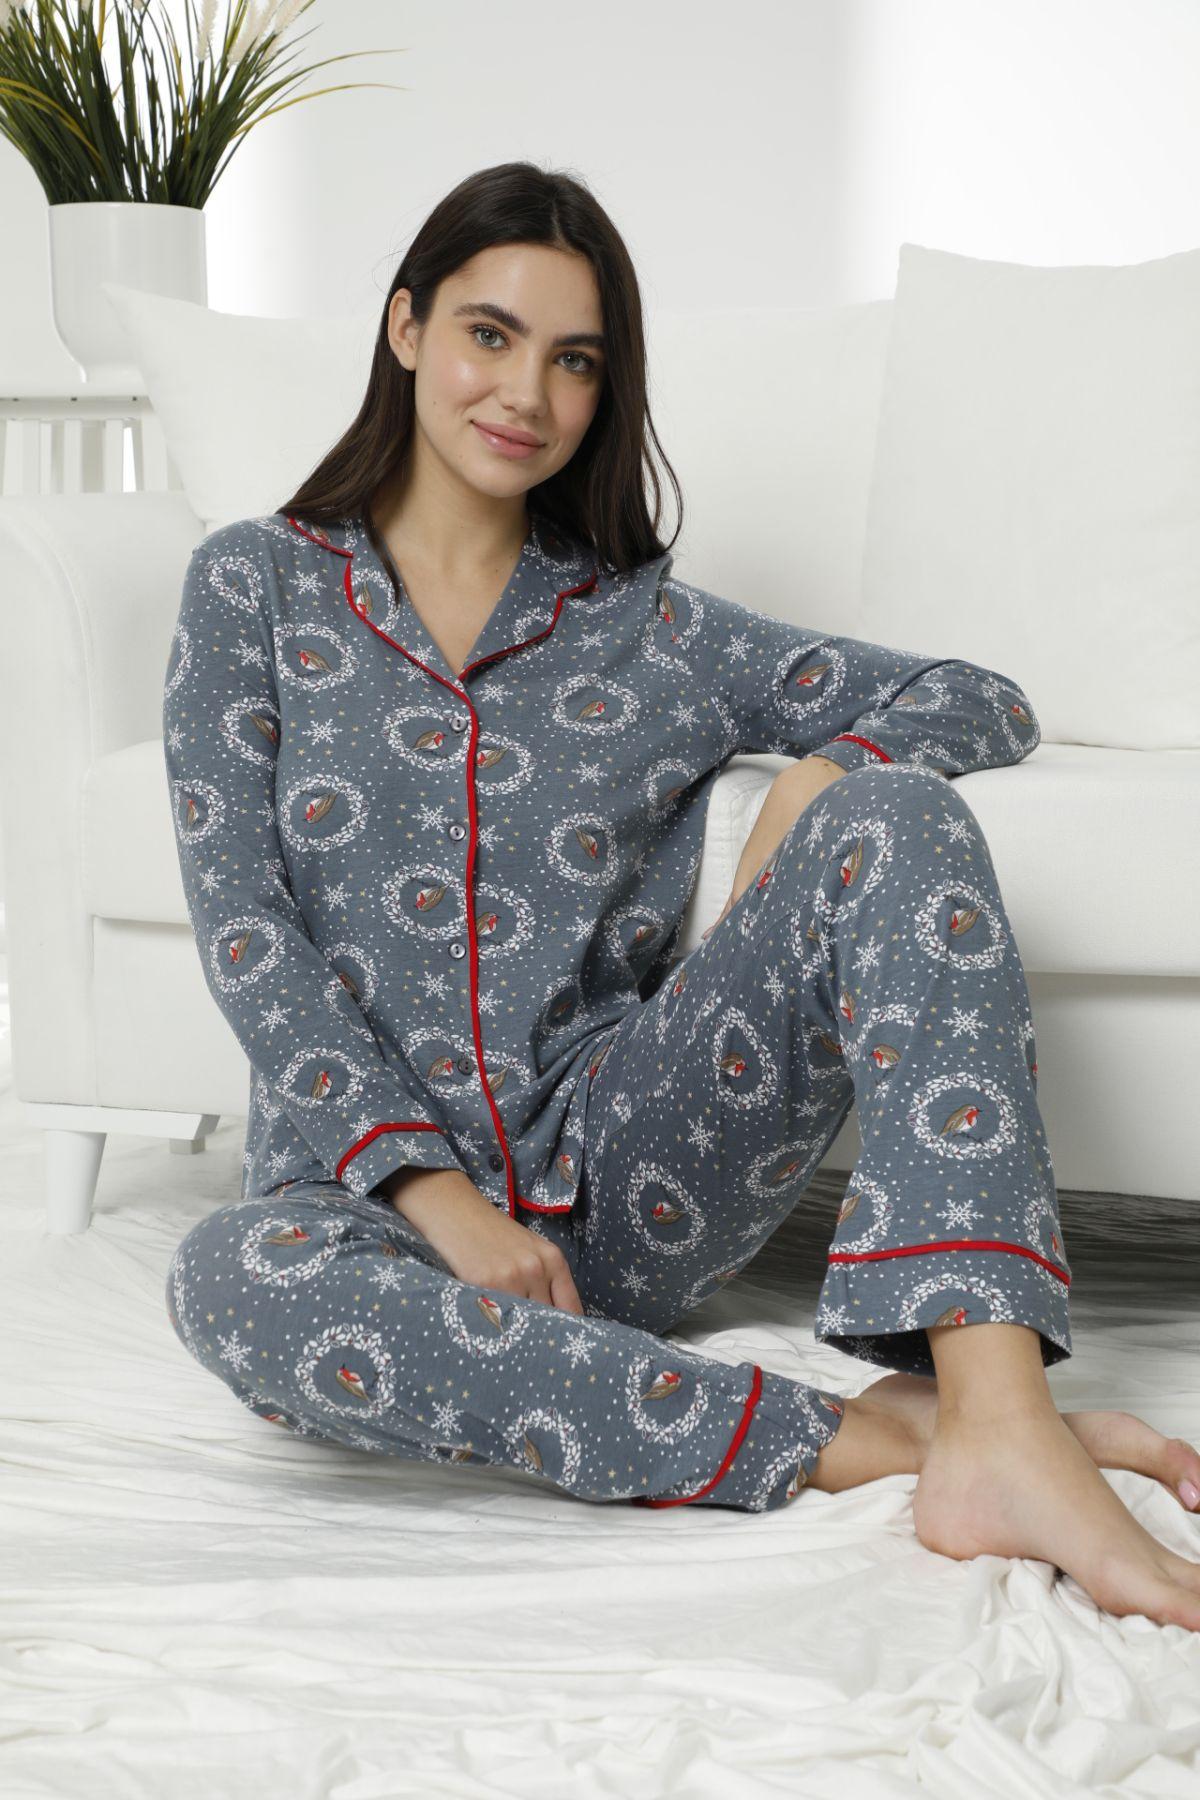 SIYAH INCI - Pamuklu Likralı Düğmeli Biyeli Pijama Takım 7473